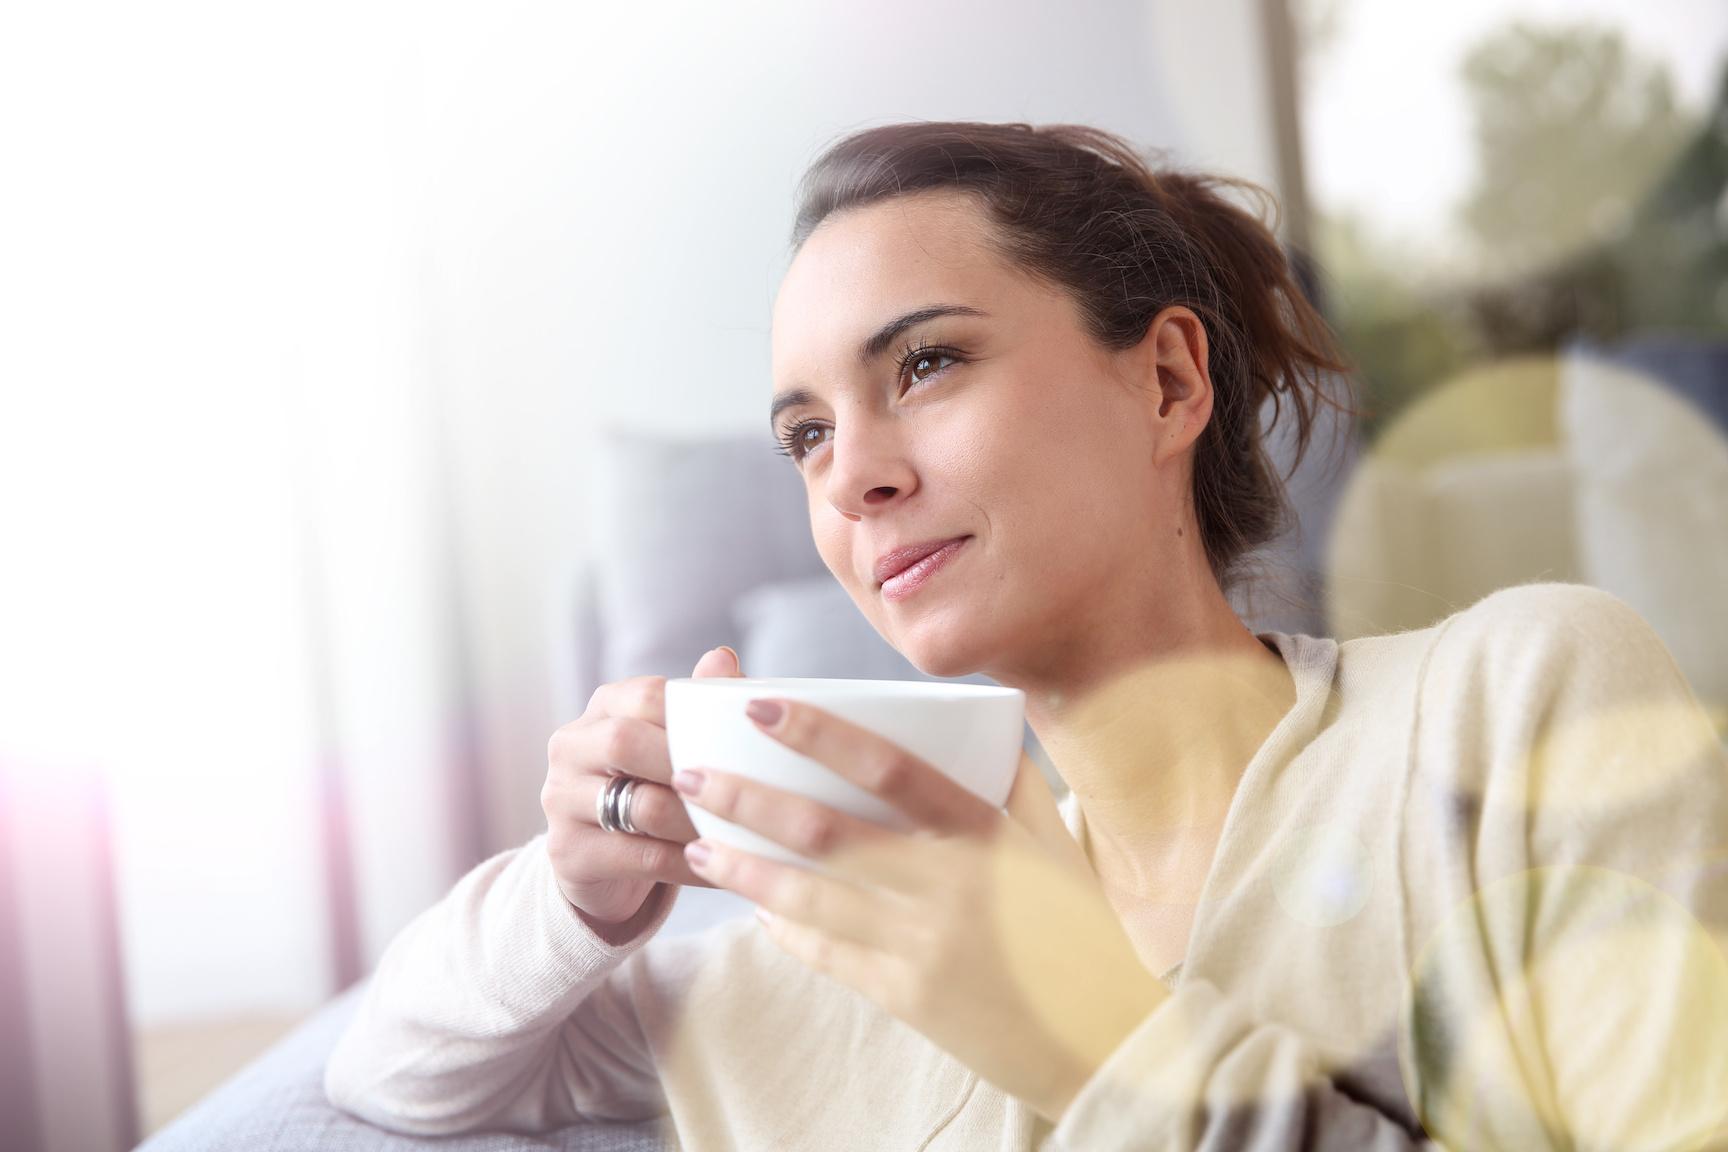 360让你喝茶享瘦,不需甩油想瘦